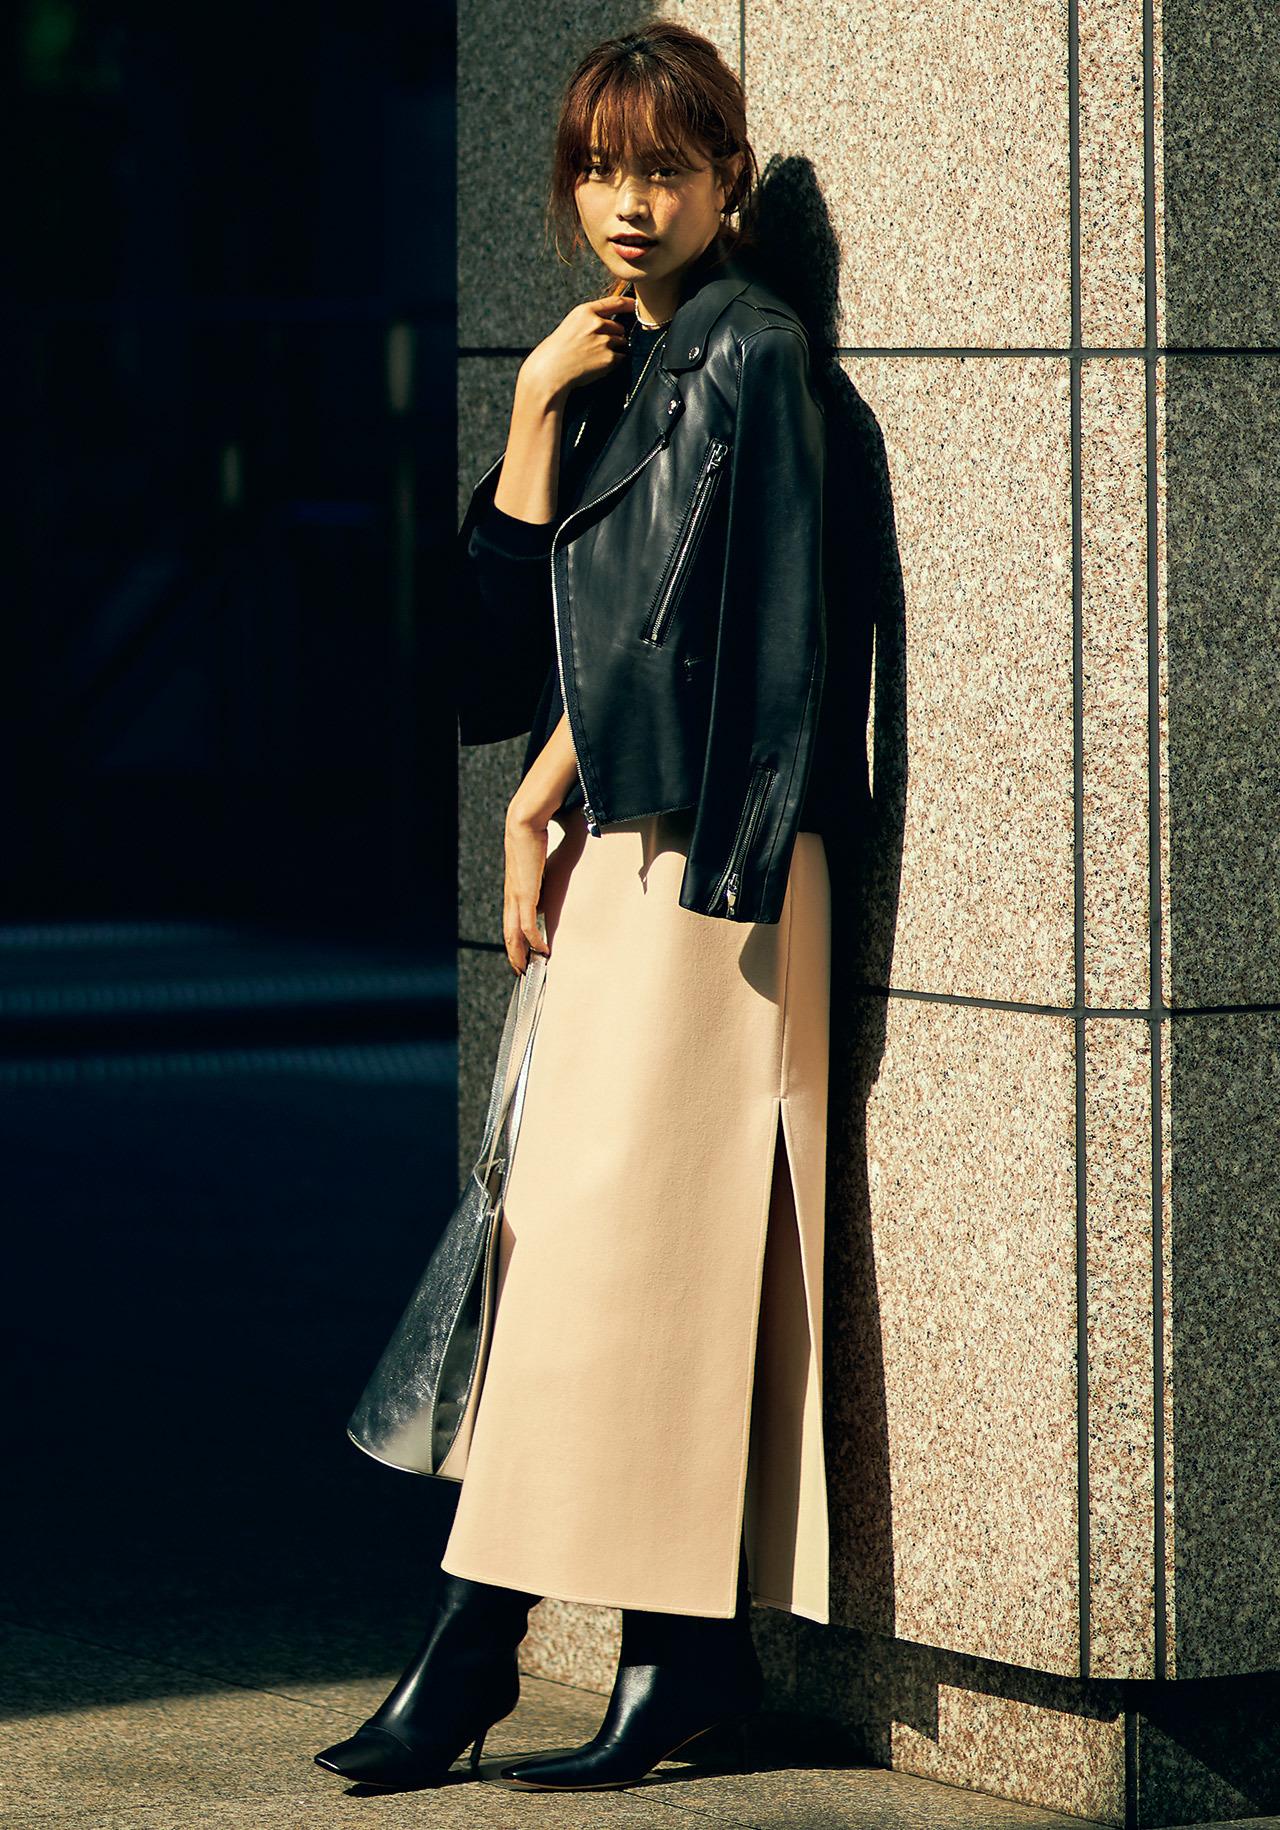 黒のレザージャケット×ニュートラルなピンクのスカートコーデを着たモデルの蛯原友里さん